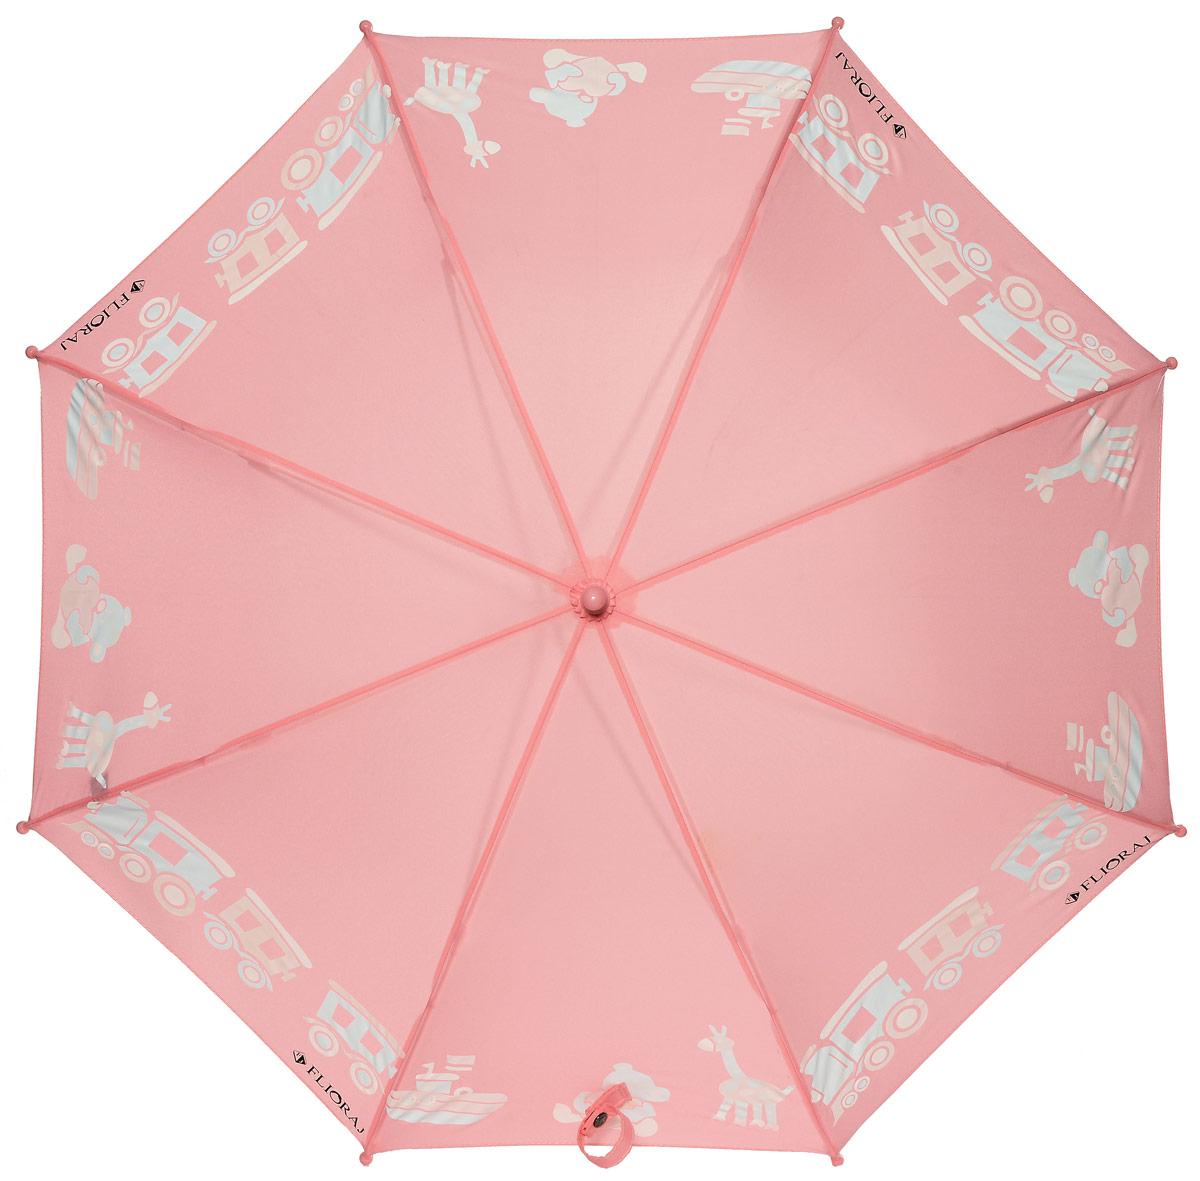 Зонт детский Flioraj 051212051212 FJМеханический, прочный детский зонт - надежная защита в непогоду. Яркие цвета поднимут настроение, а интересный эффект - проявление красок на рисунке - будет удивлять и радовать каждый раз! Предназначен для детей младшего и среднего школьного возраста. Для удобства предусмотрена безопасная технология открывания и закрывания зонта. Спицы зонта изготовлены из долговечного, но при этом легкого фибергласса, что делает его ветроустойчивым и прочным.